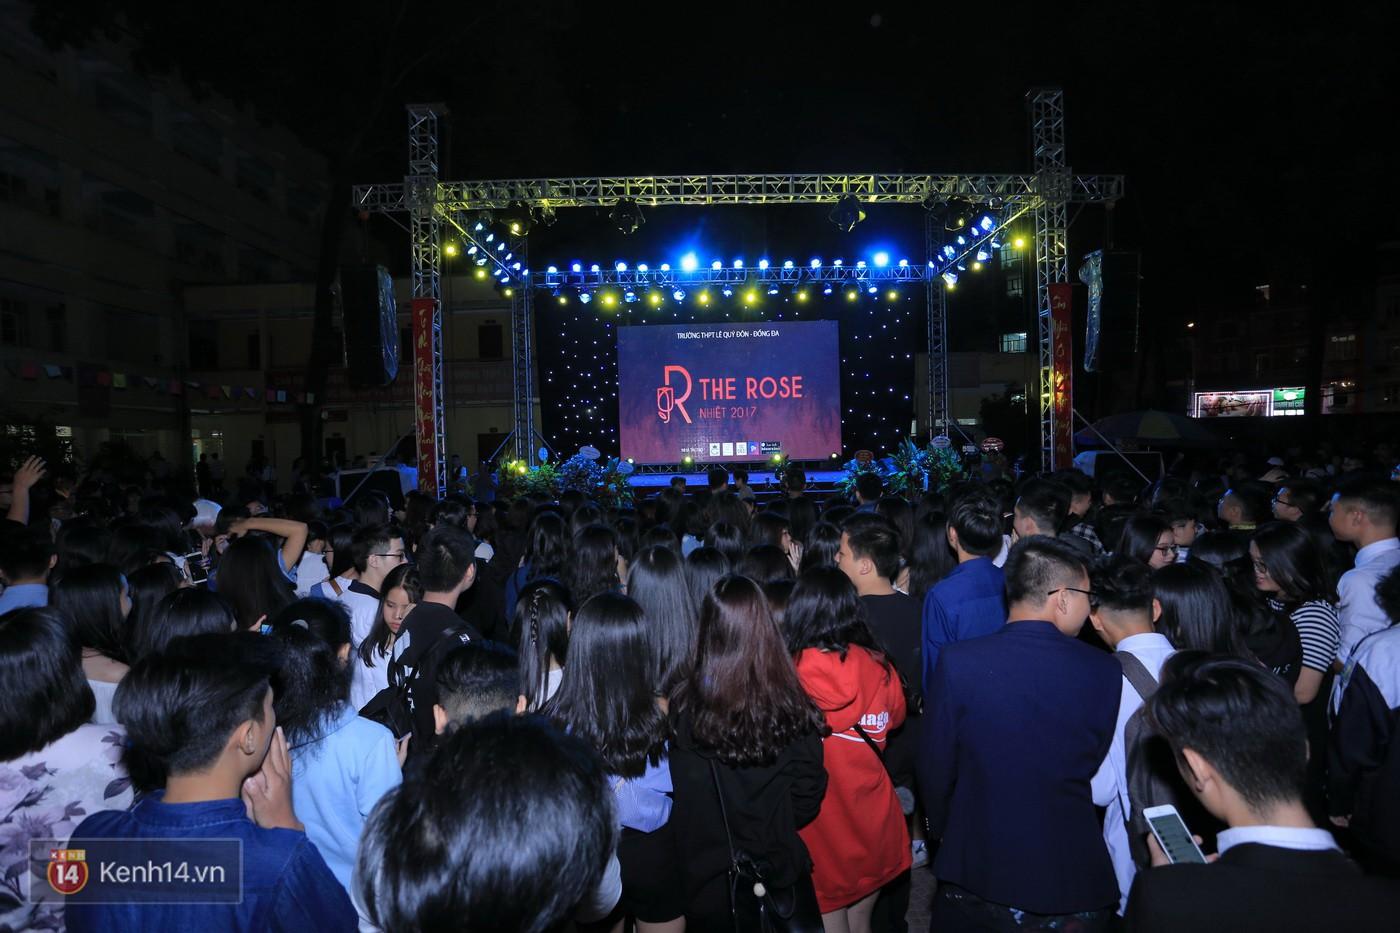 Trai xinh gái đẹp trường Lê Quý Đôn (Hà Nội) quẩy tưng bừng trong prom chào mừng 20/11 - Ảnh 6.